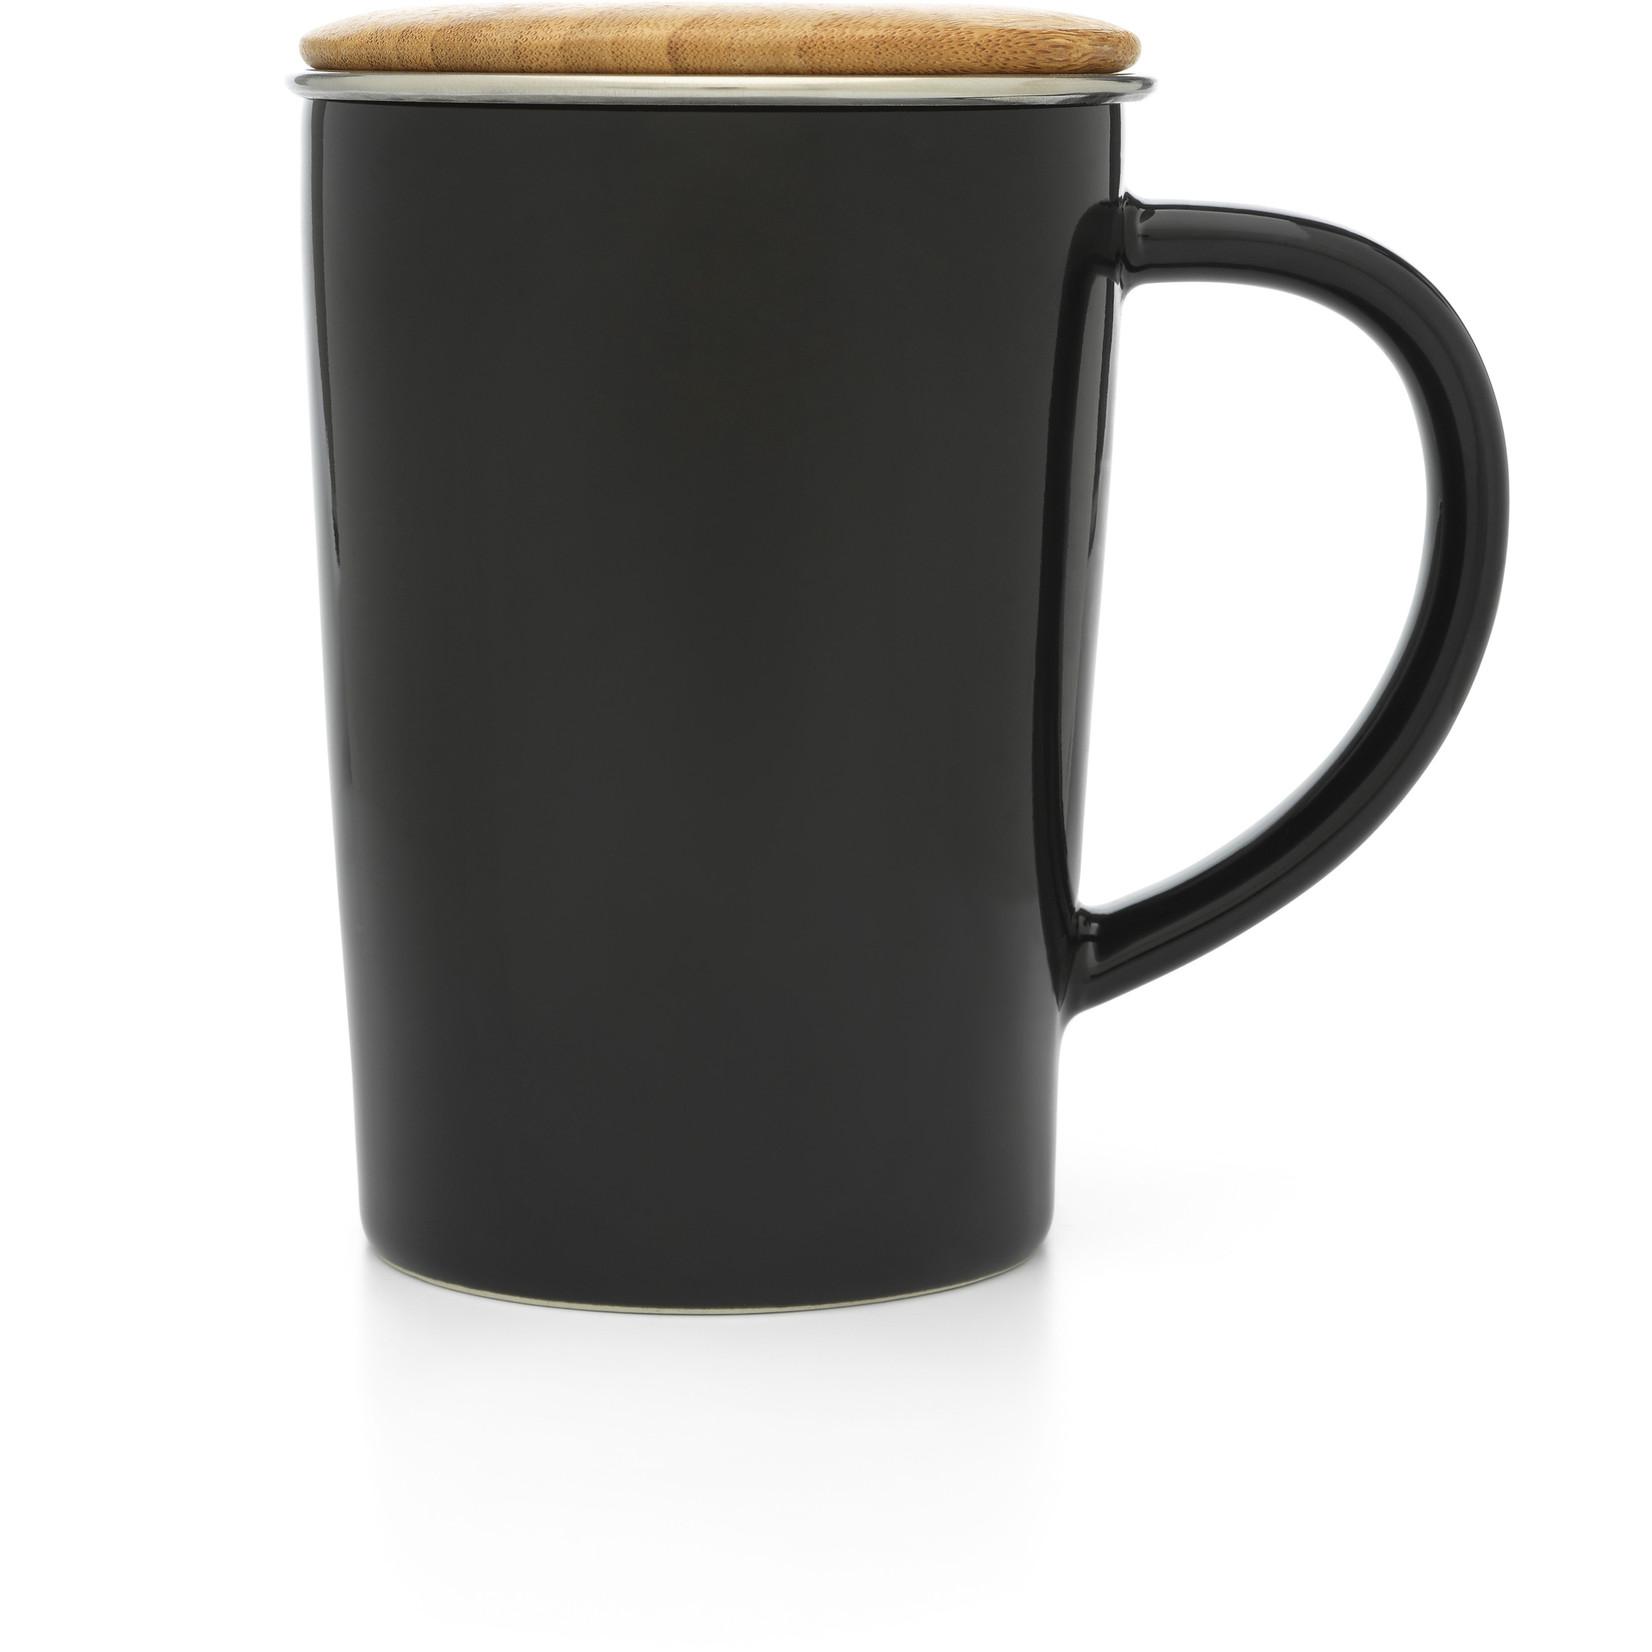 Bredemeijer Bredemeijer Silhouet theemok 0,4 liter, zwart